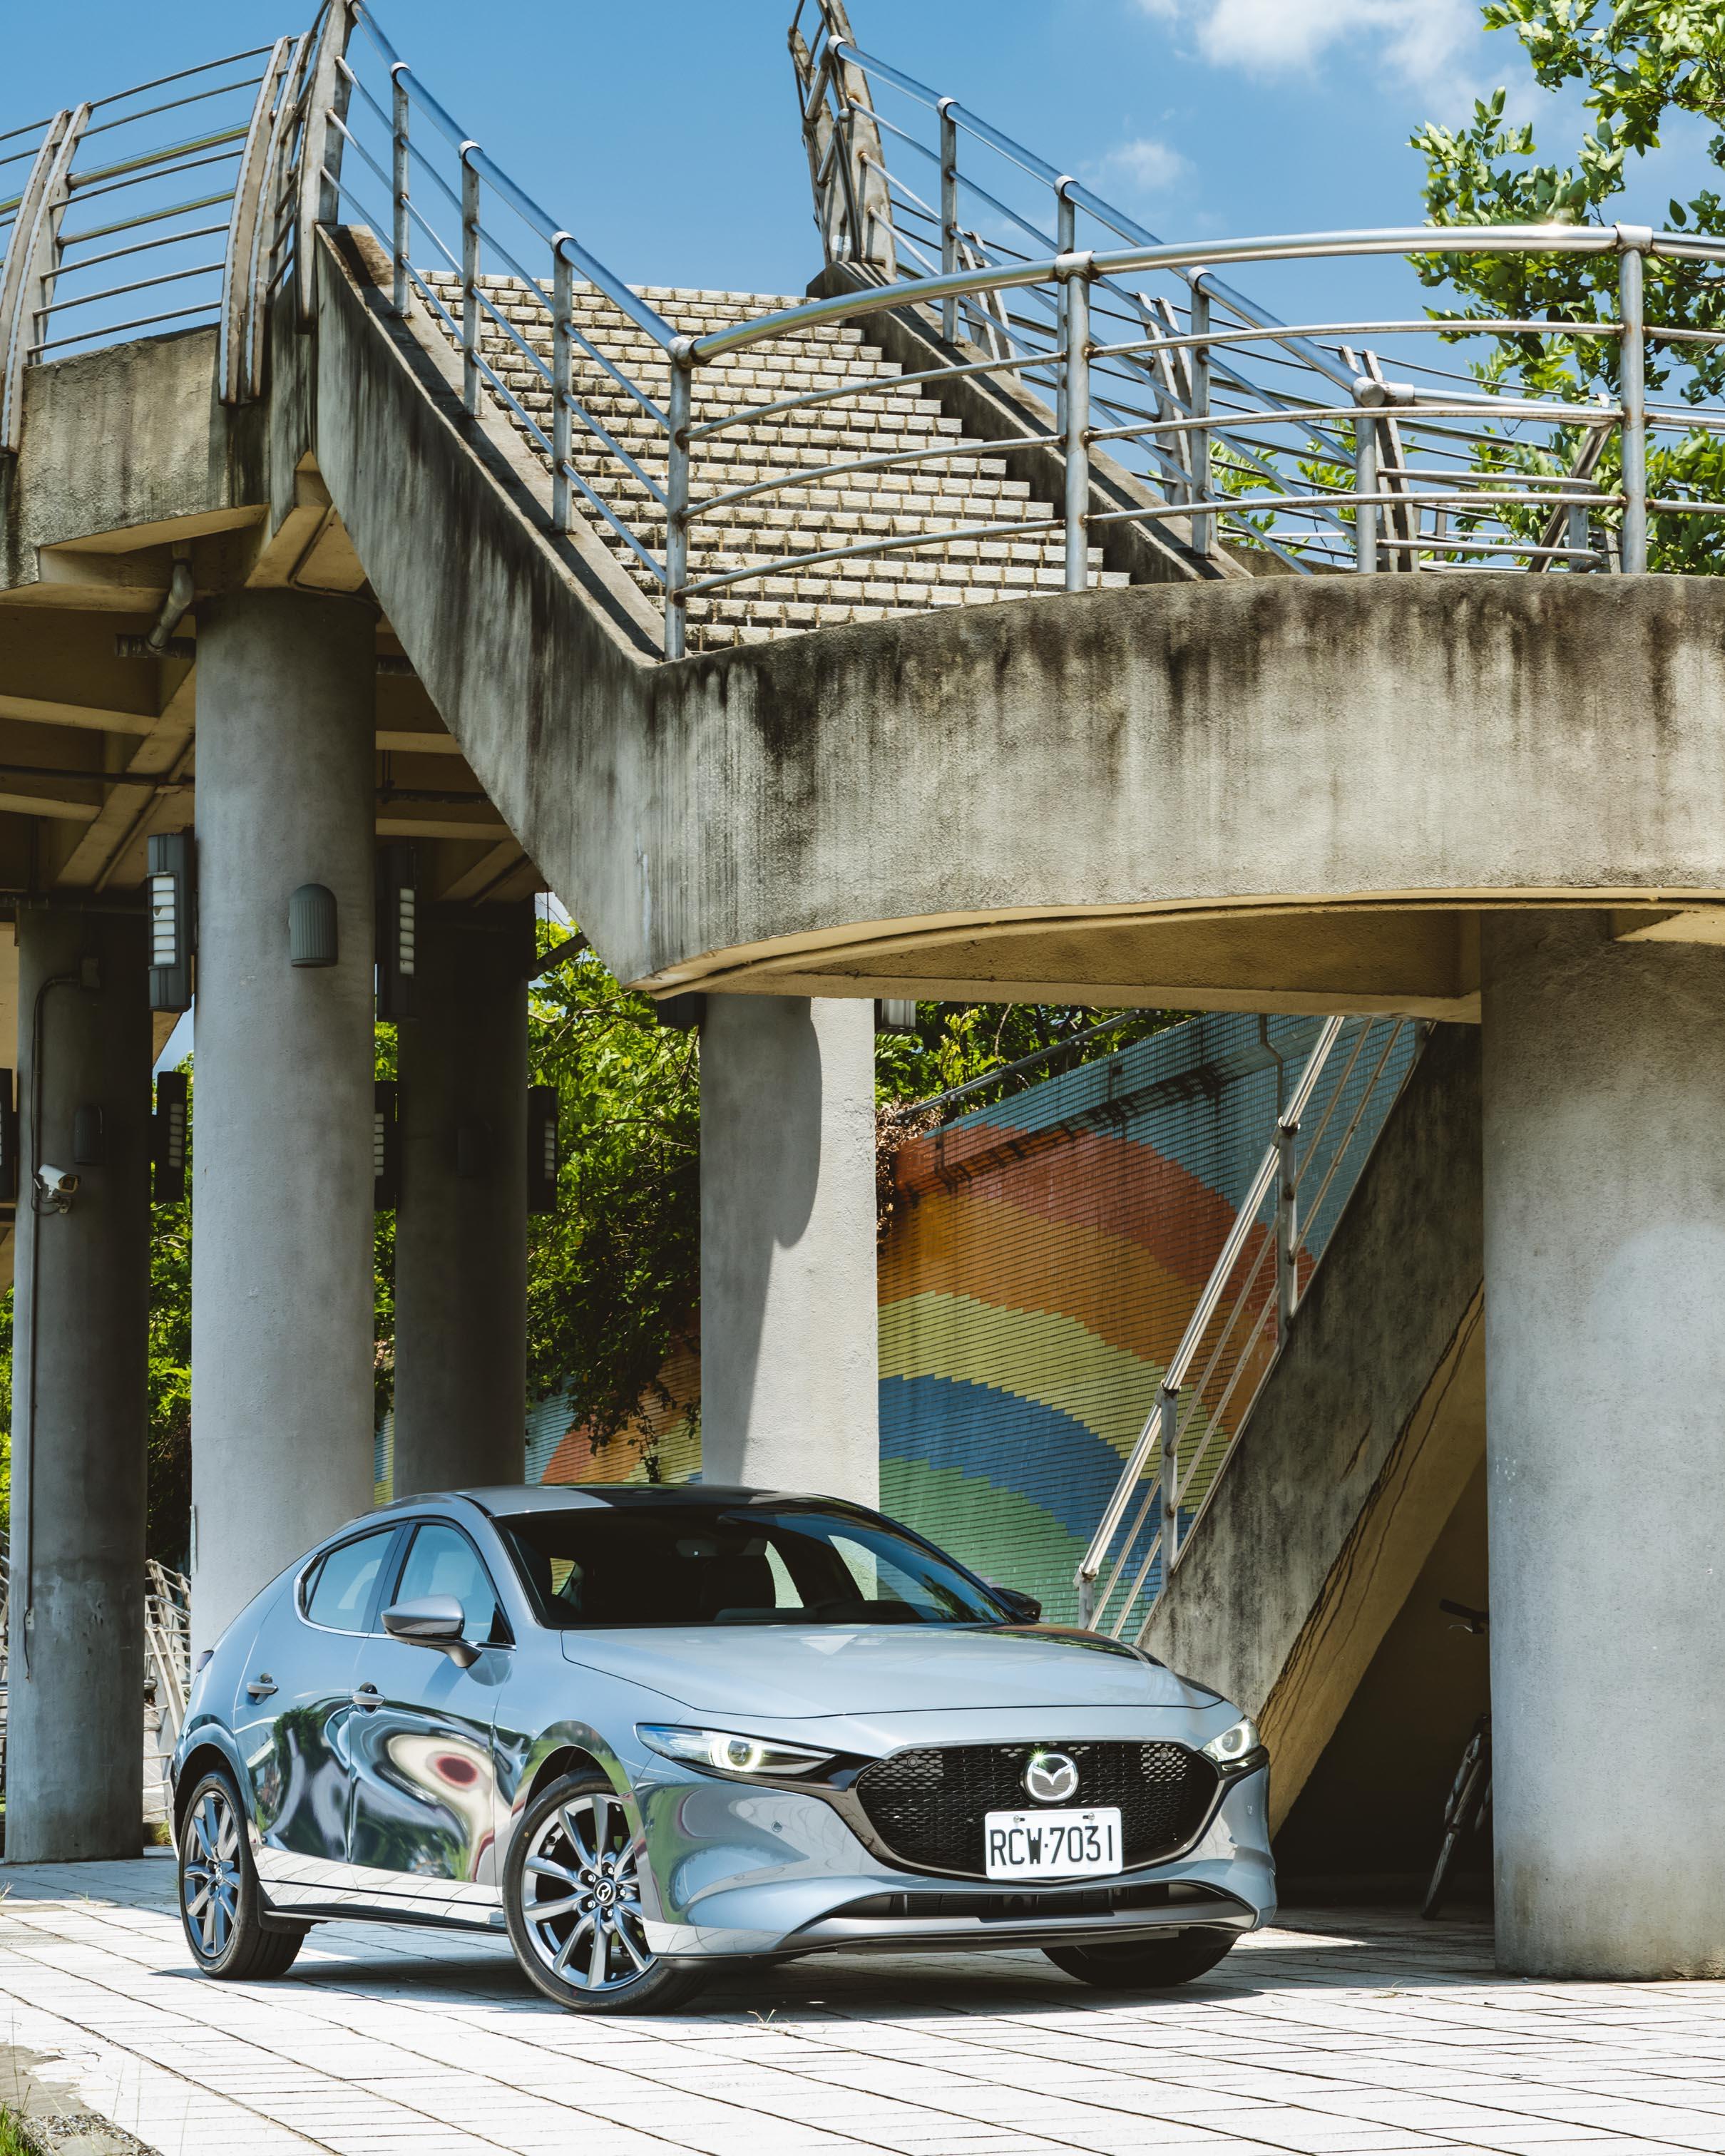 試駕車型為 Mazda 5D 旗艦進化型,售價 99.9 萬元。